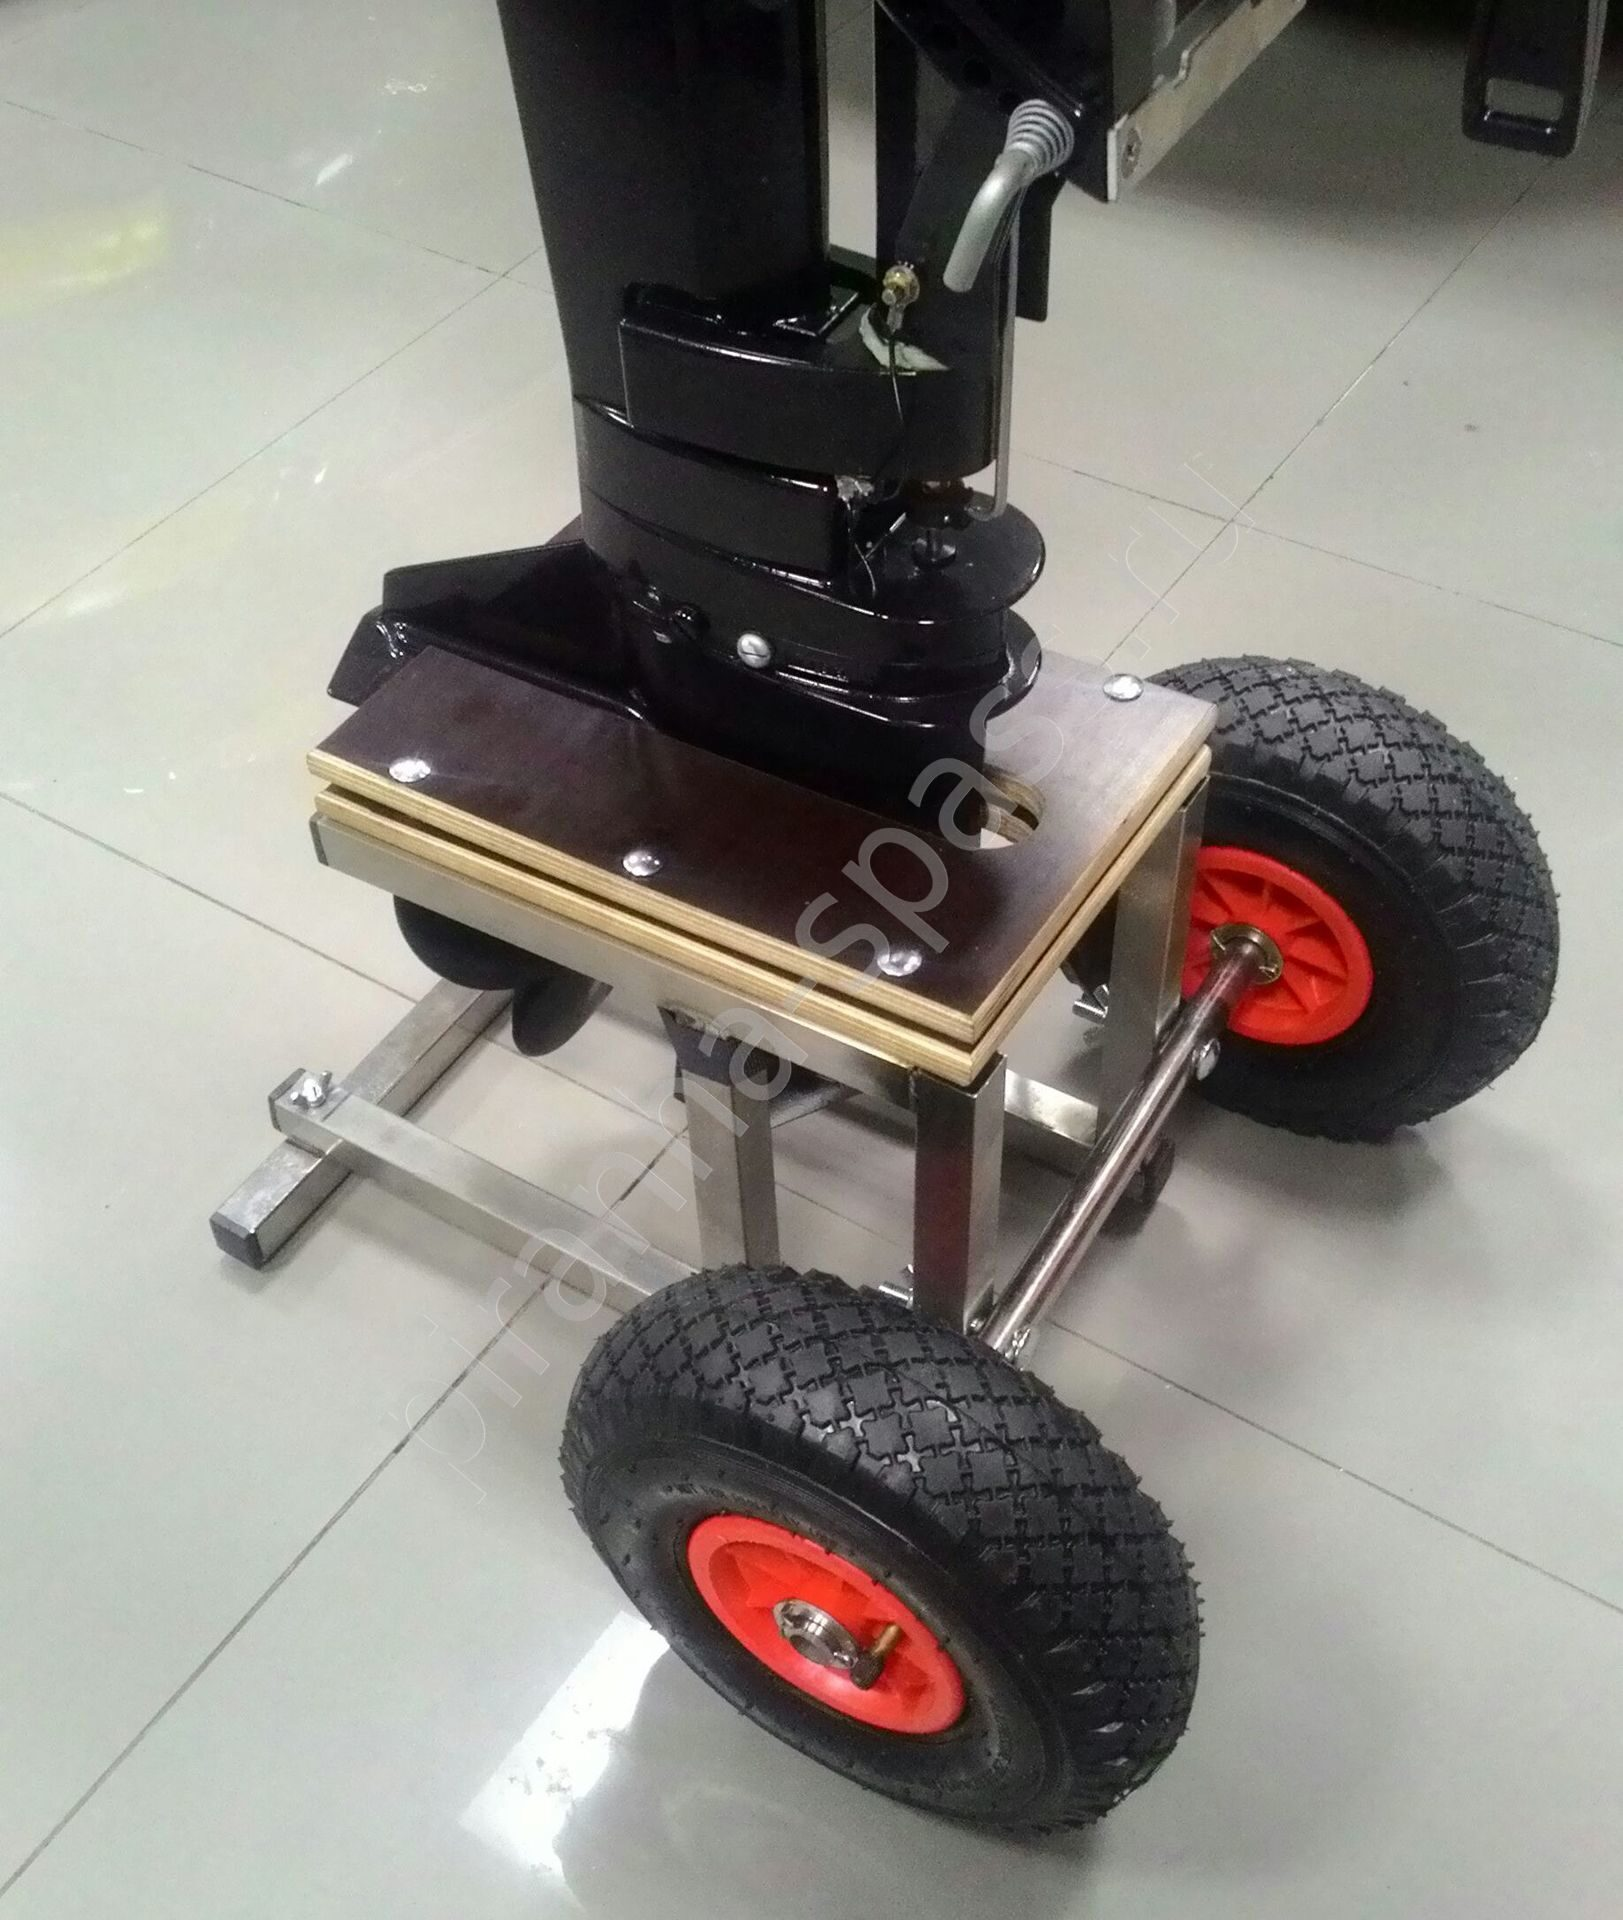 tohatsu m 40 принципиальная схема мотора